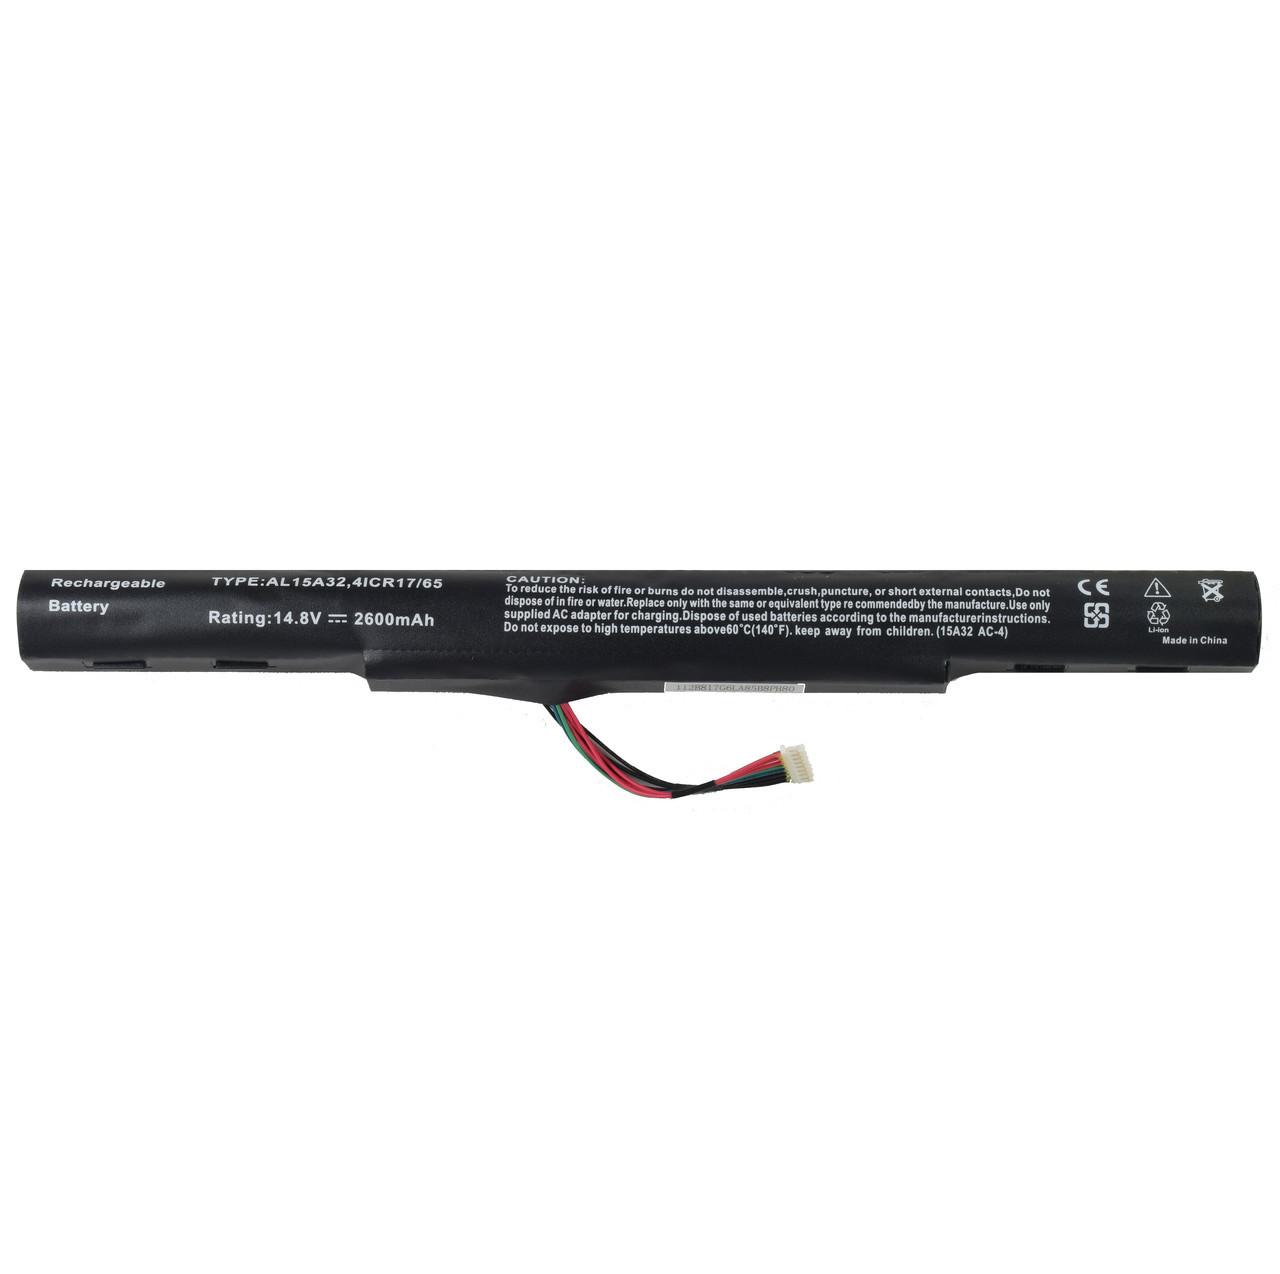 Батарея для ноутбука Acer E5-422G E5-522G E5-532G E5-772G Aspire V3-574G Extensa 15 Extensa 15